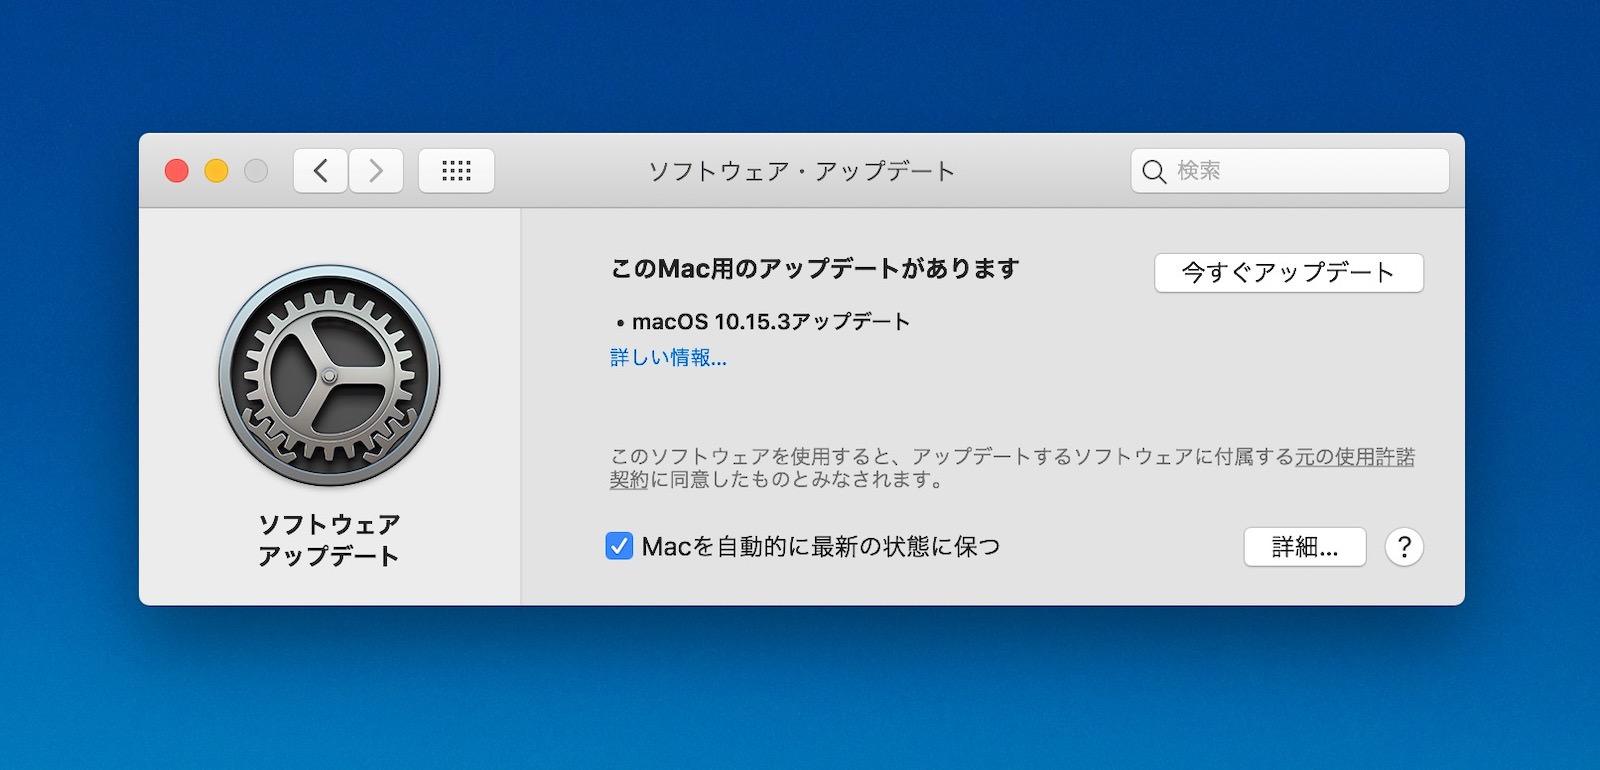 Macos 13 15 3 update release